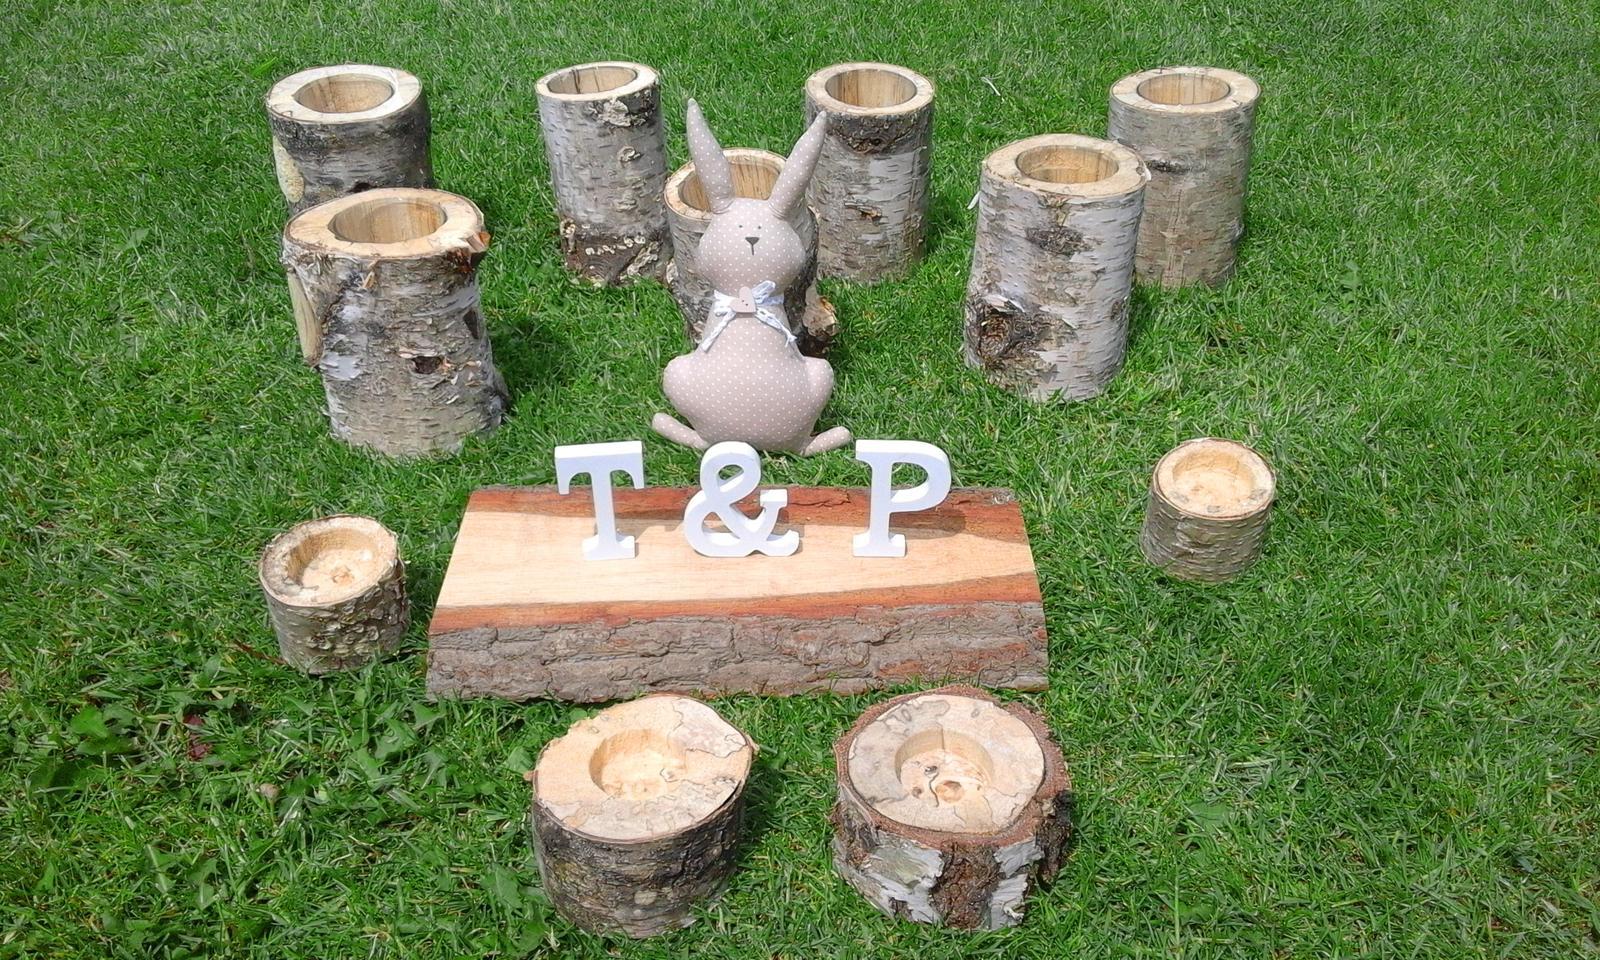 Vázičky, svícny, jmenovky ze dřeva - Obrázek č. 1